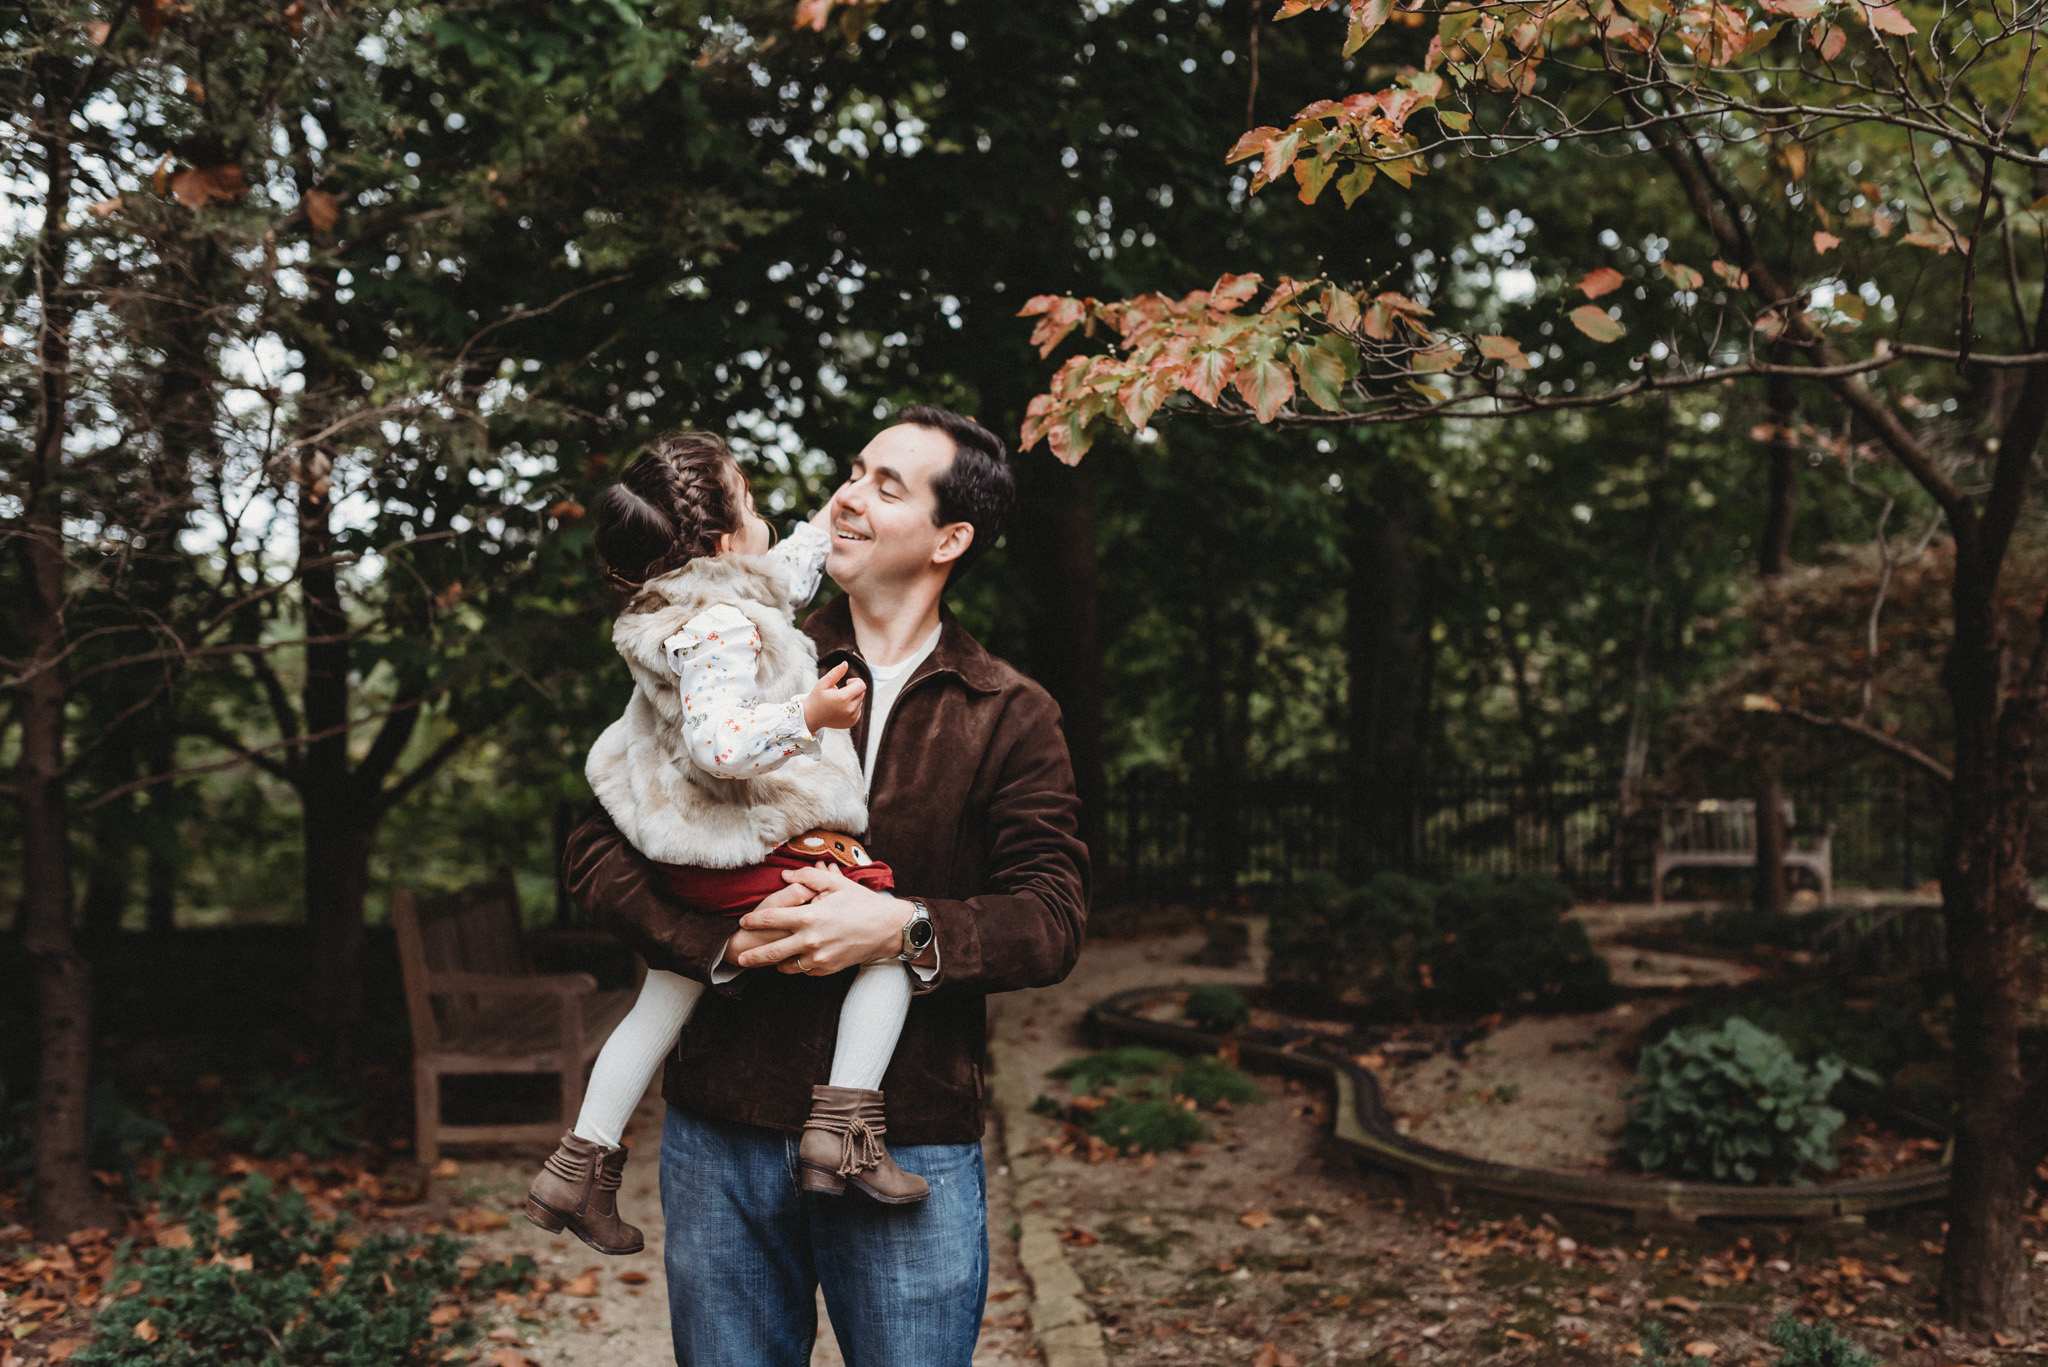 Inniswood-Family-Photos-Columbus-Ohio-Erika-Venci-Photography